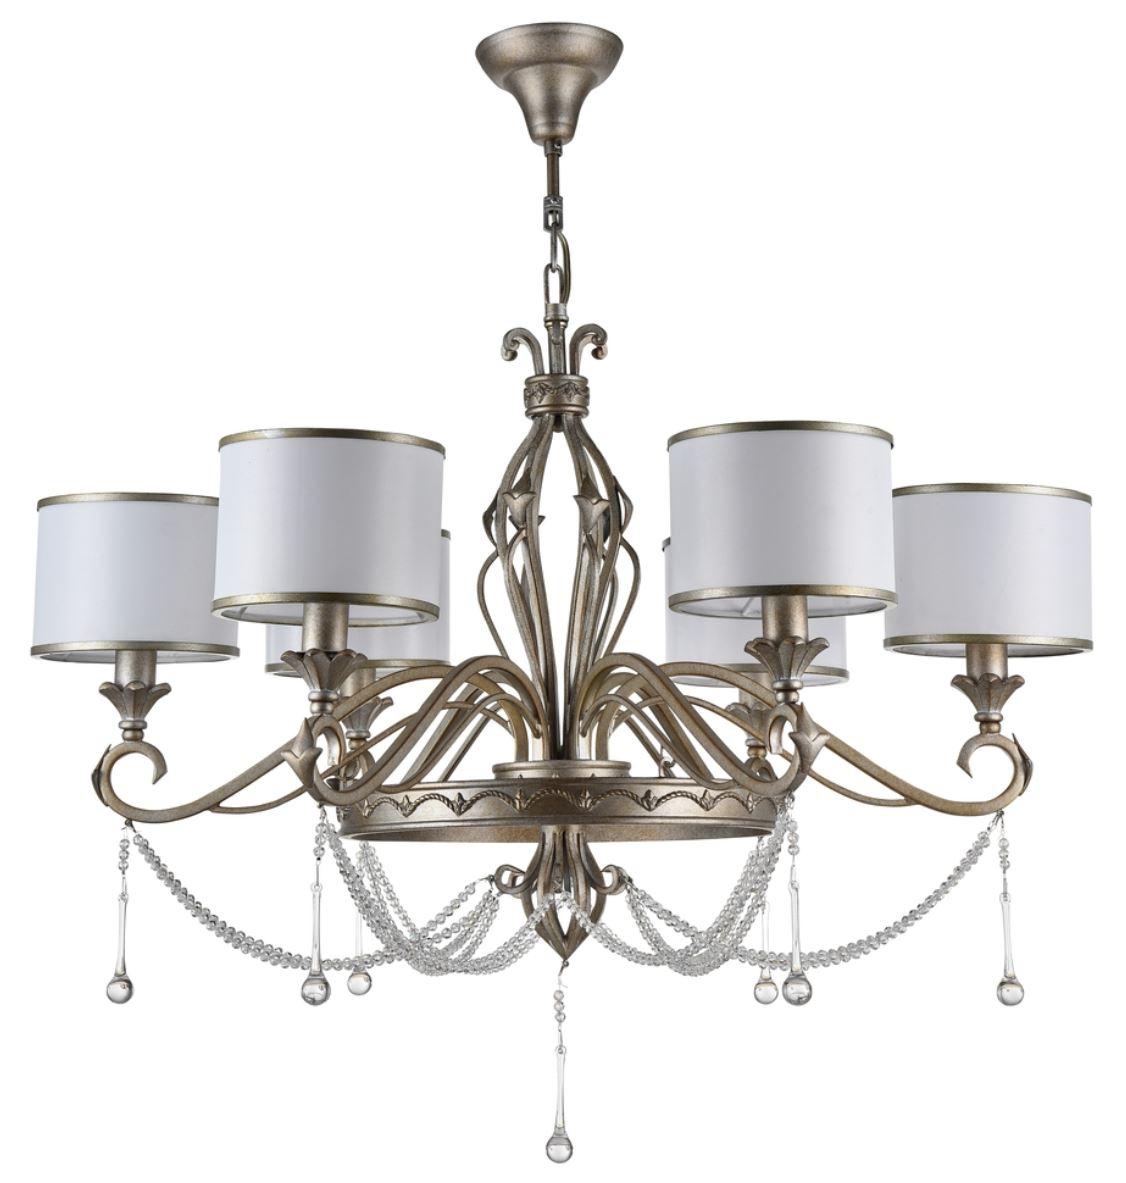 casa padrino luxus barock kronleuchter antik gold 79 x h 62 cm leuchten - Kronleuchter Antik